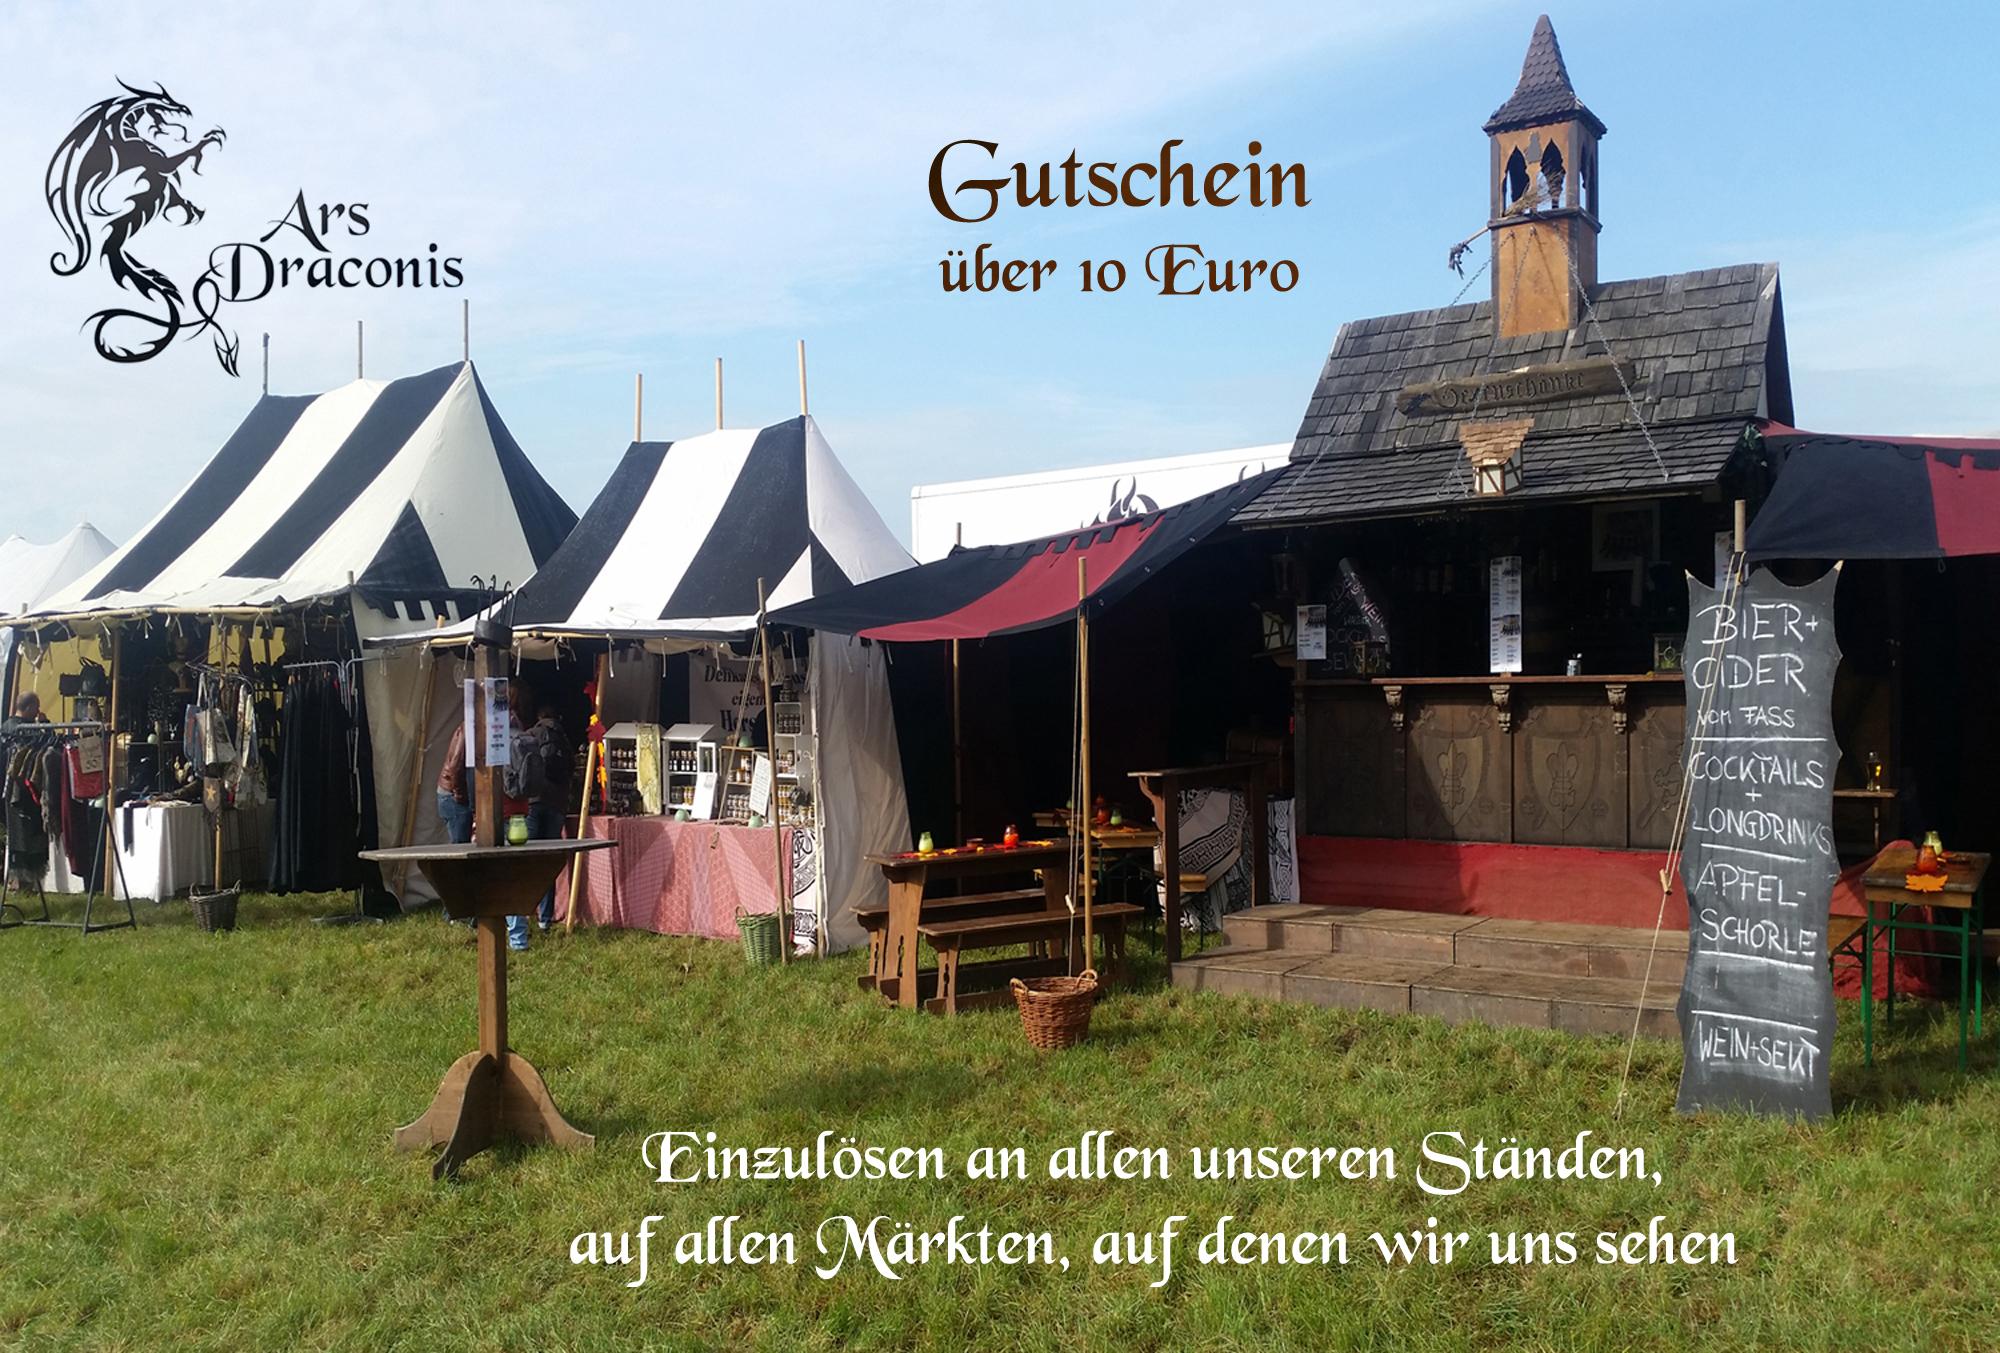 Ars Draconis Gutschein - 10€